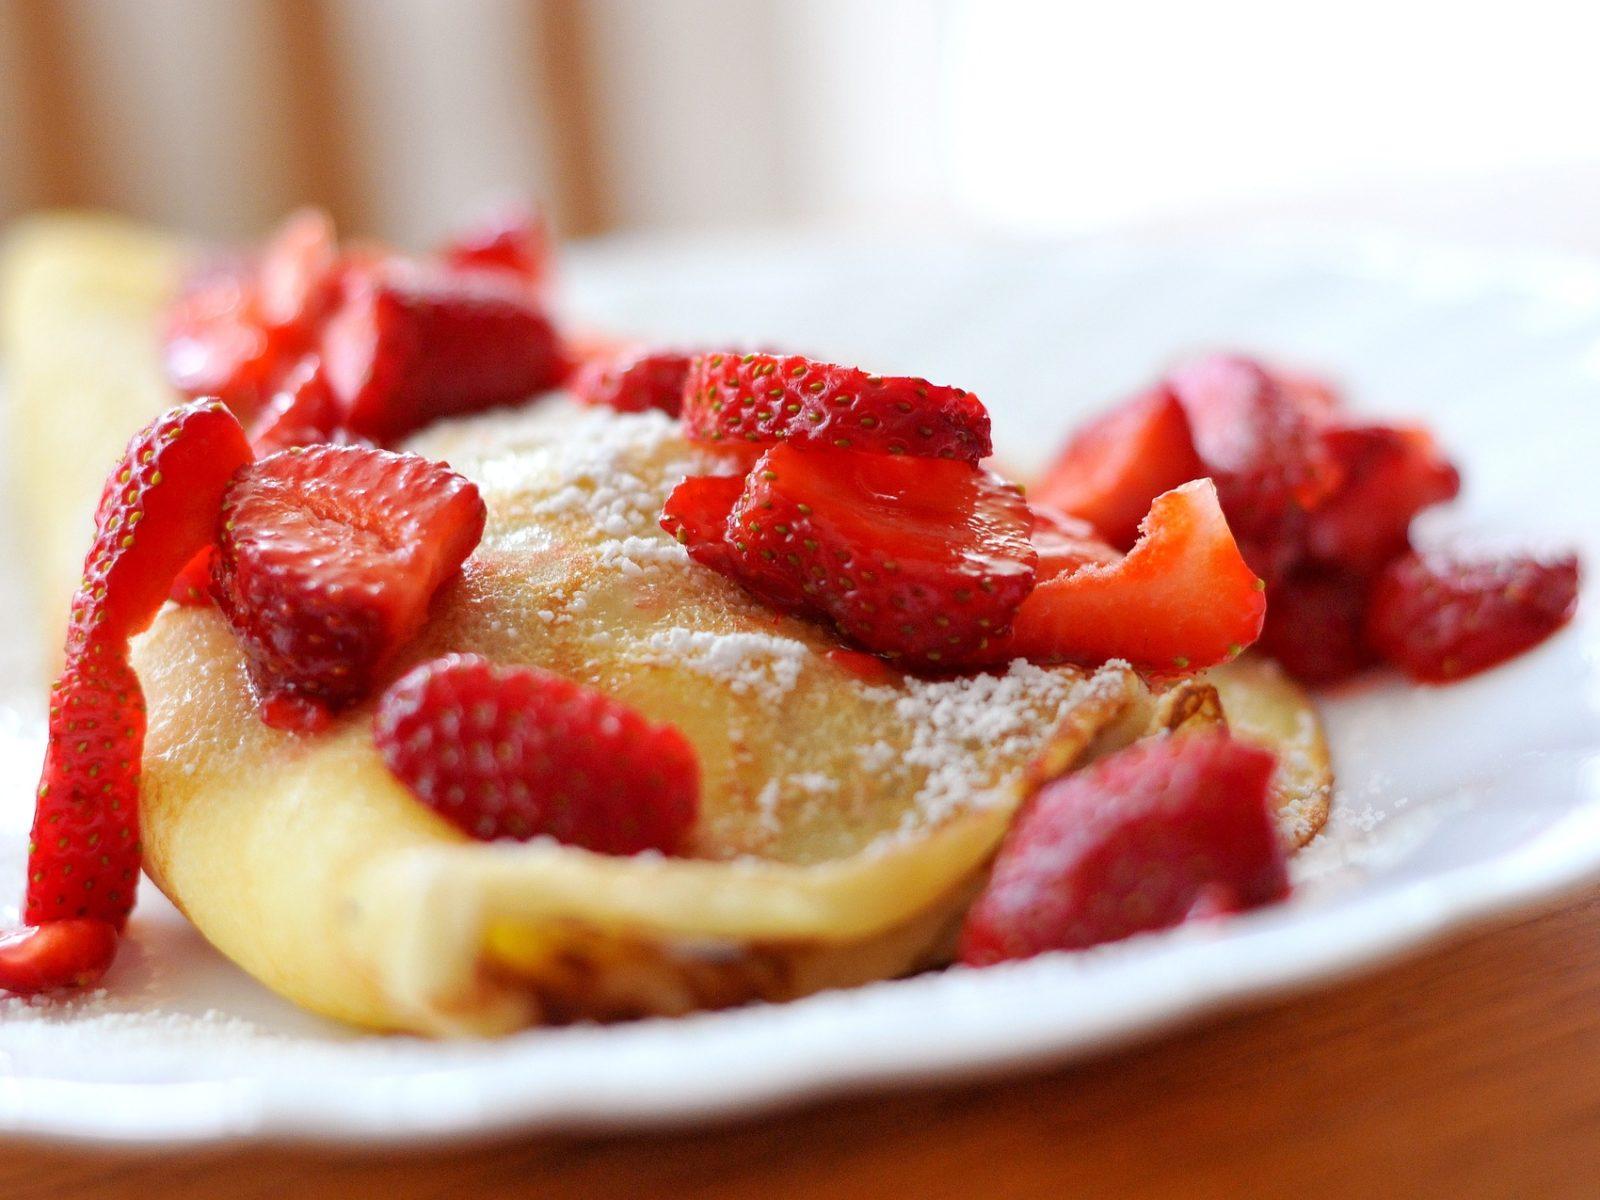 strawberries-932383_1920